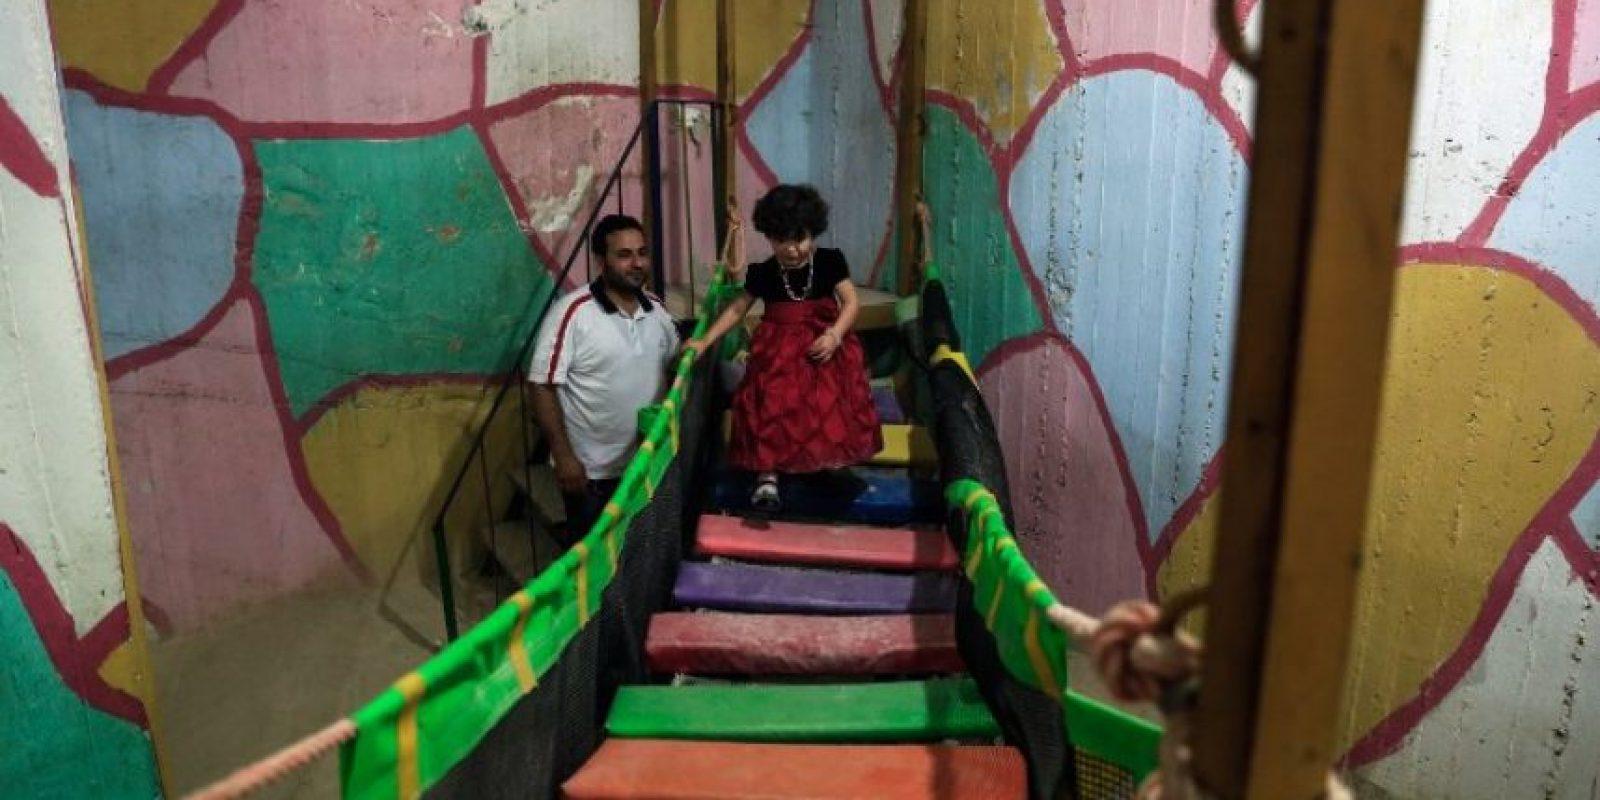 Y les permite alejarse unos instantes de su realidad Foto:AFP